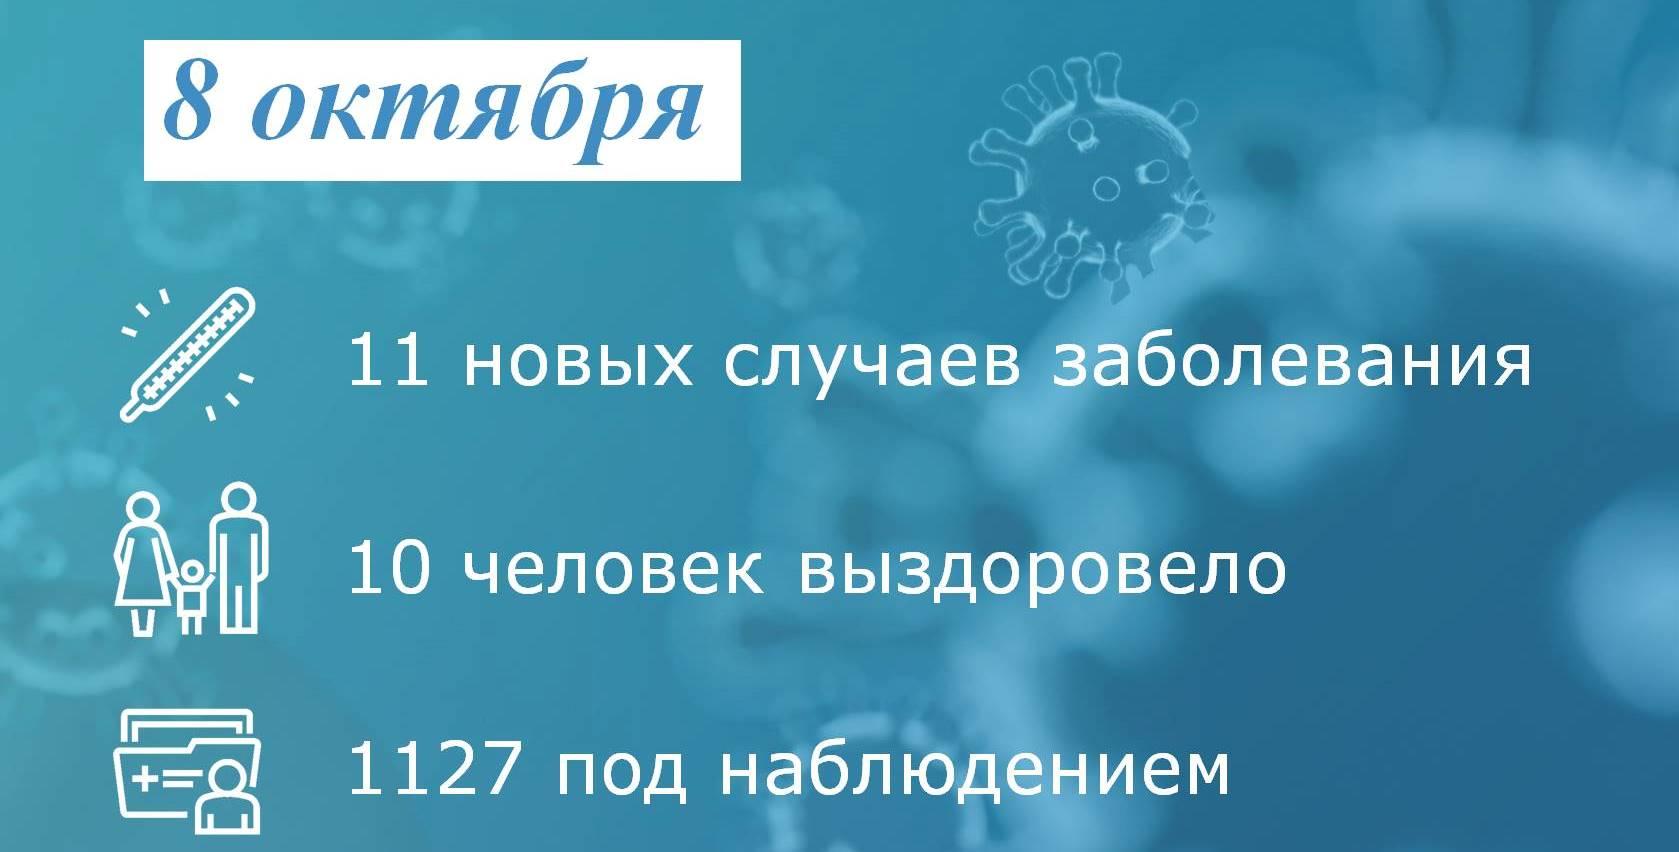 Коронавирус: в Таганроге заболели 11 человек